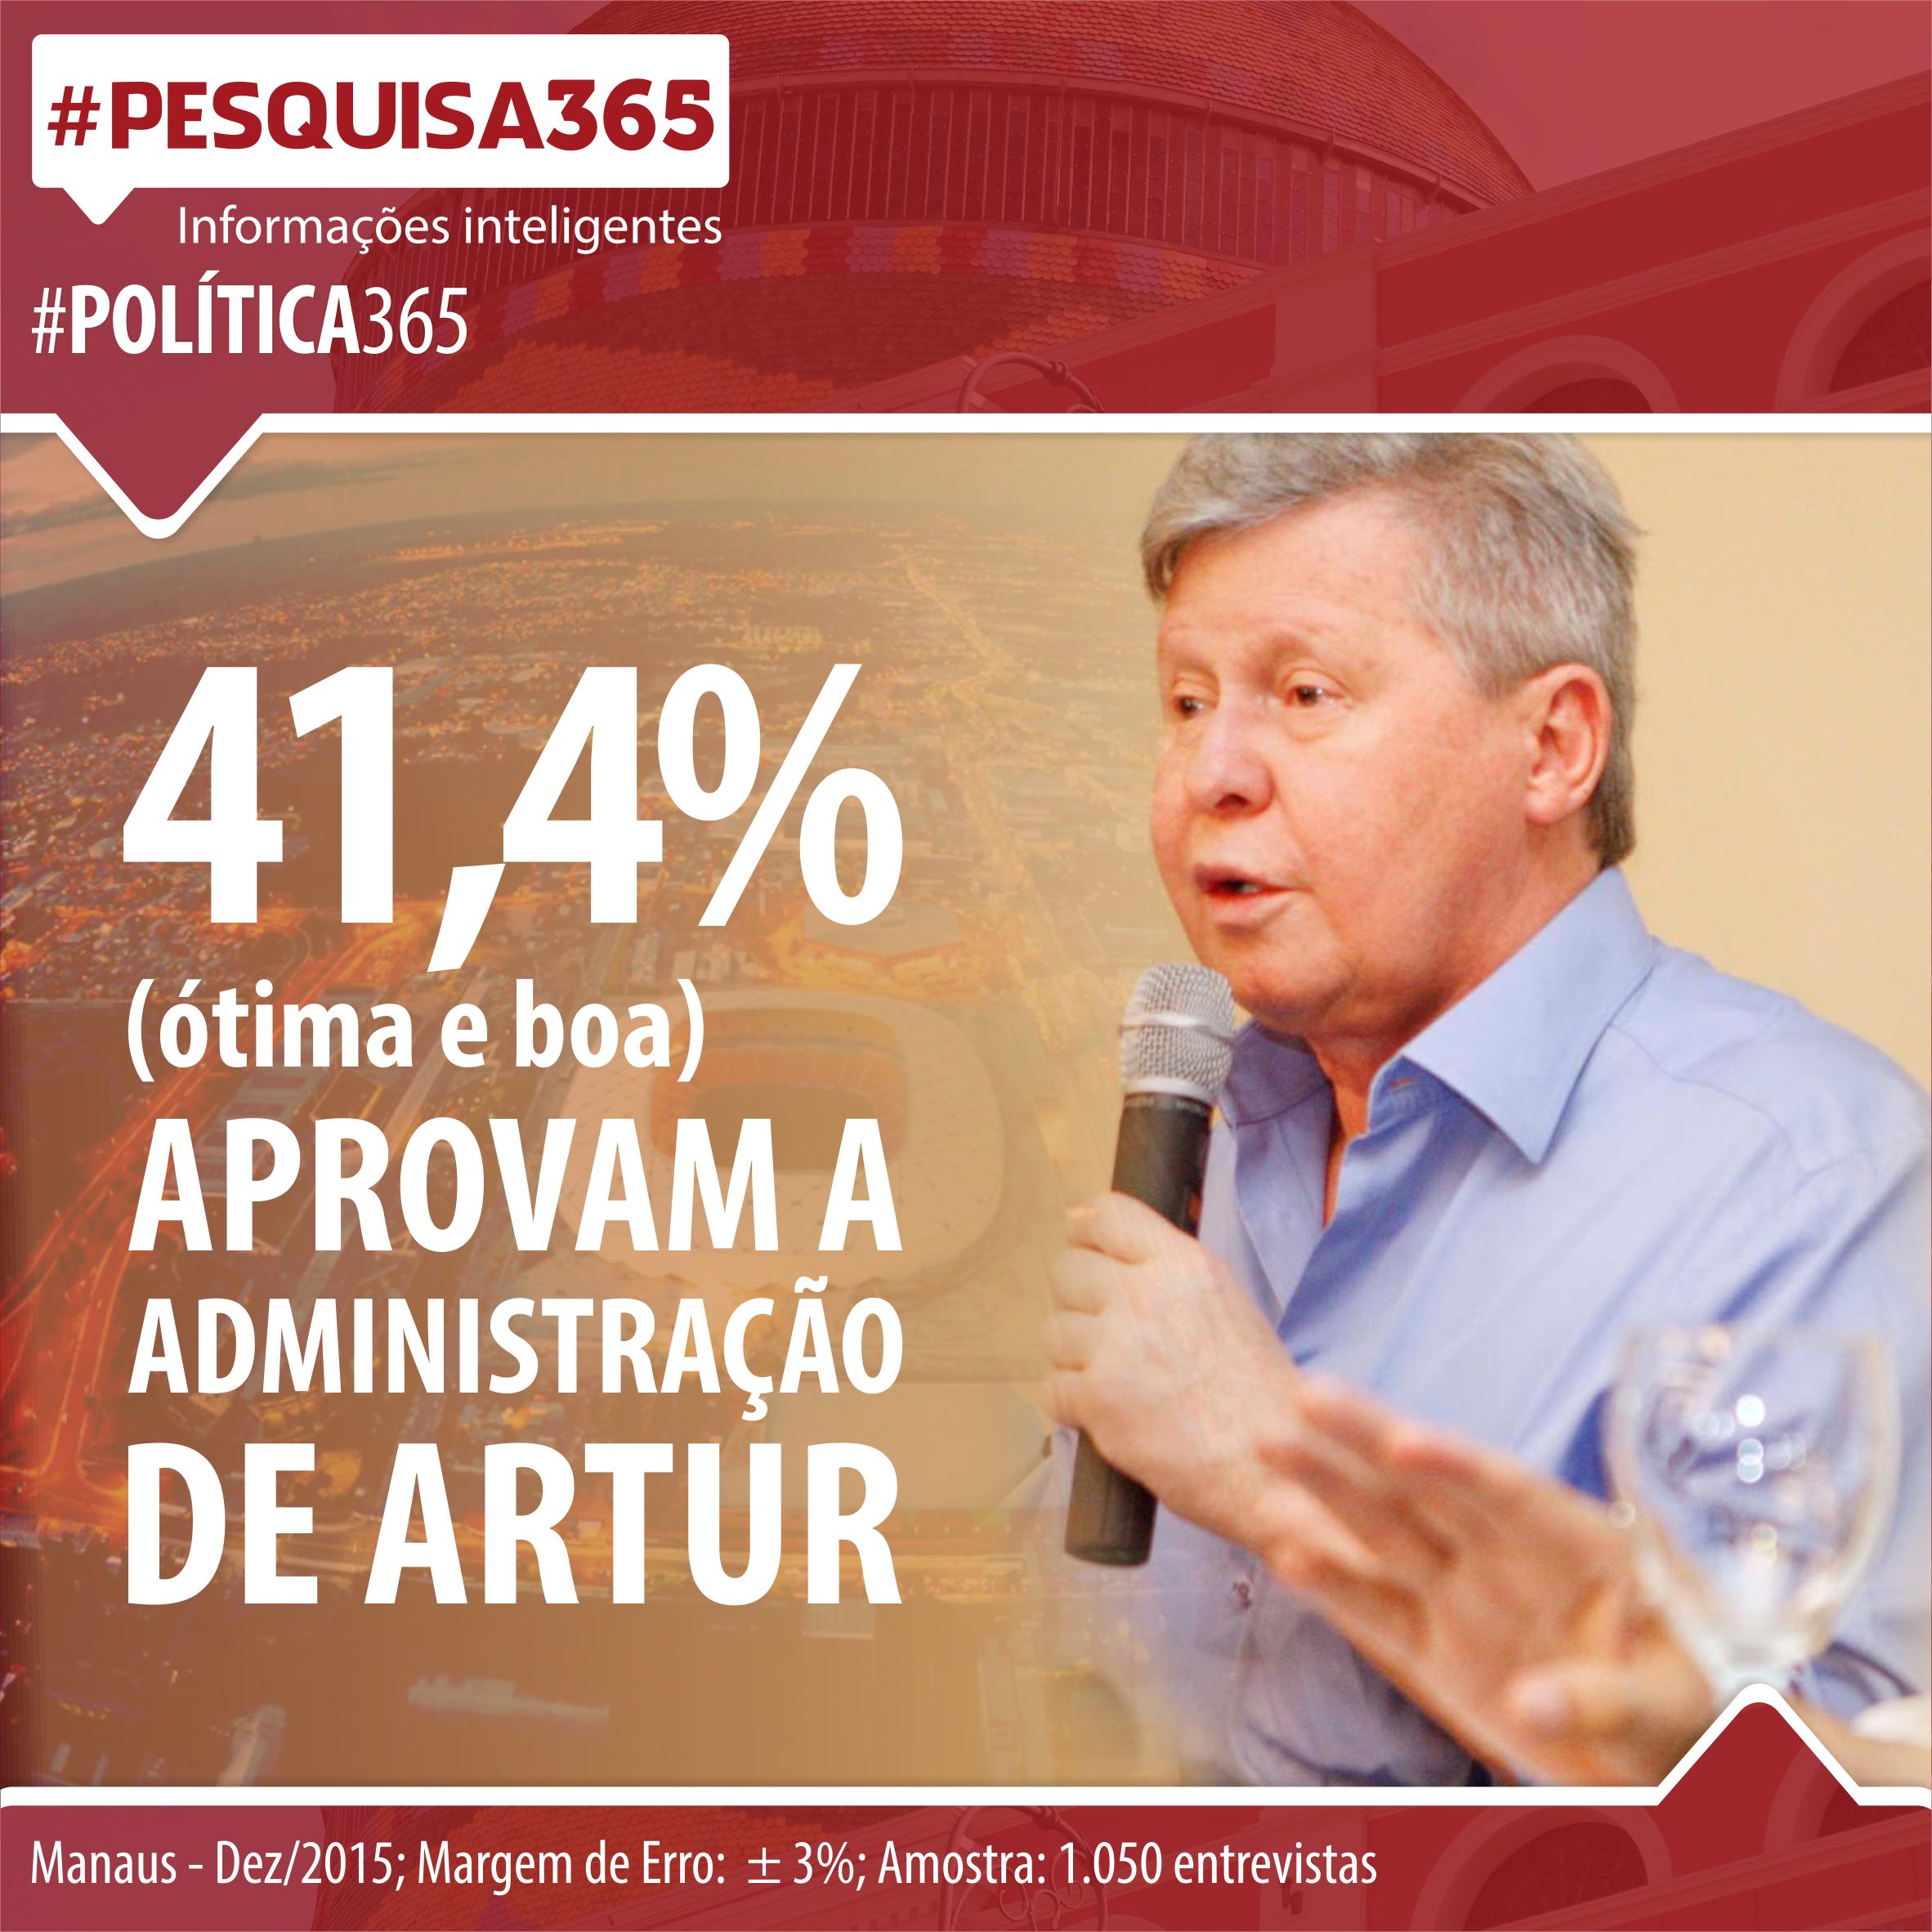 PESQUISA365_ARTUR